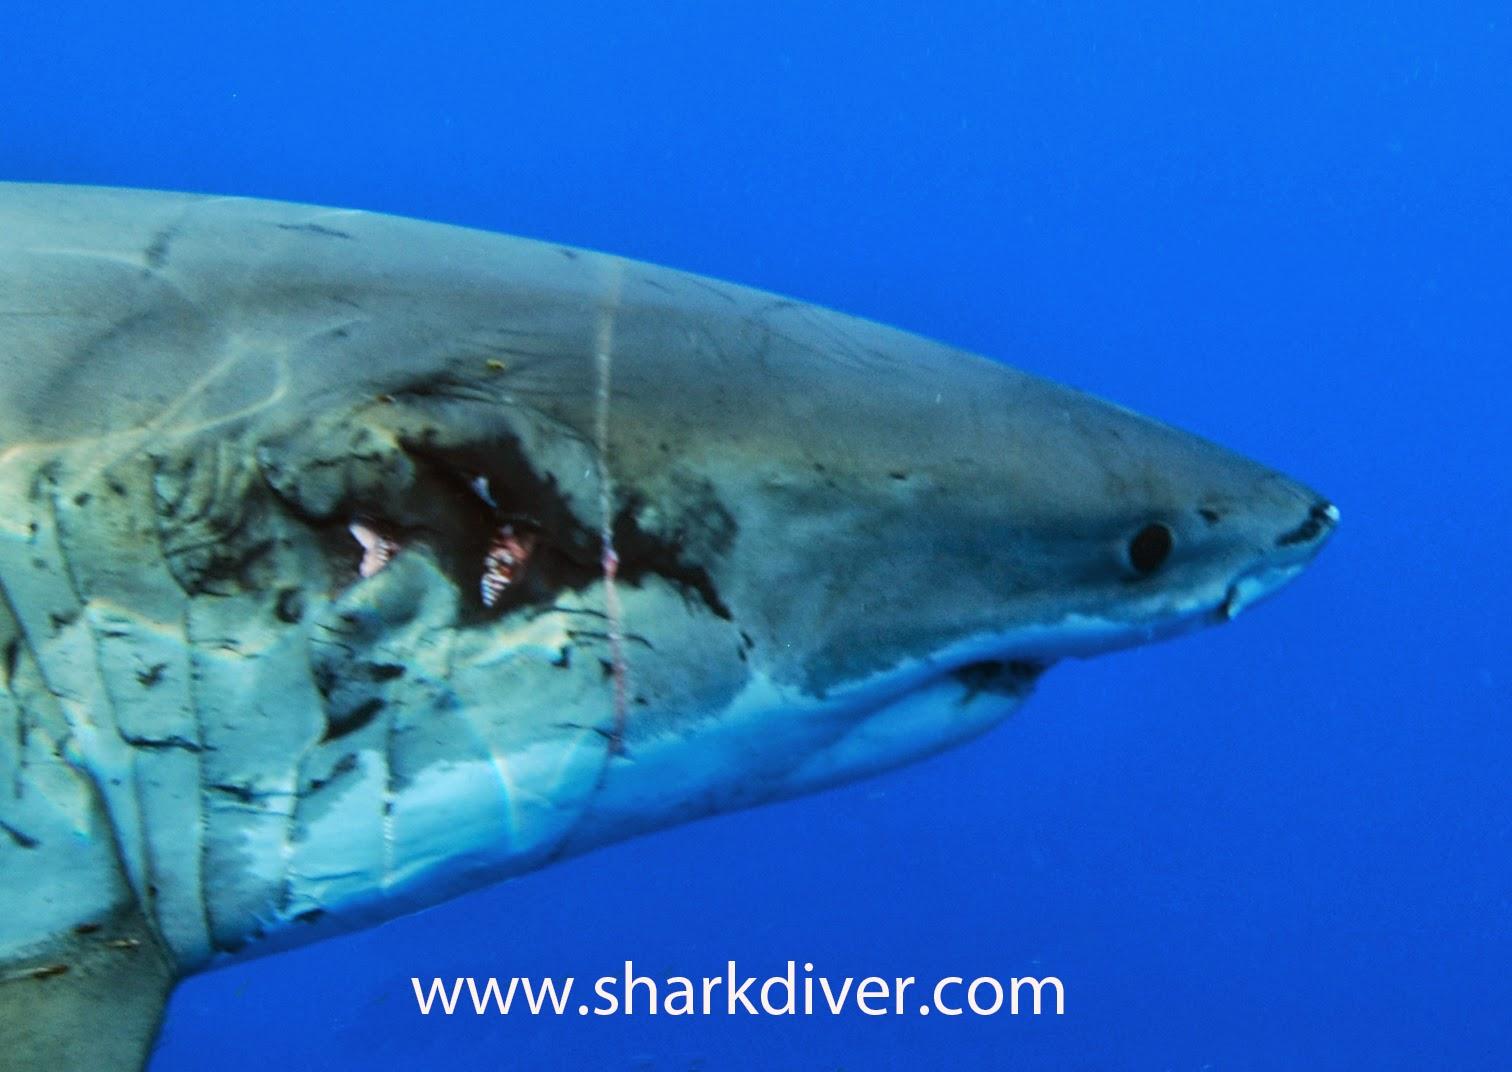 tiger shark bites